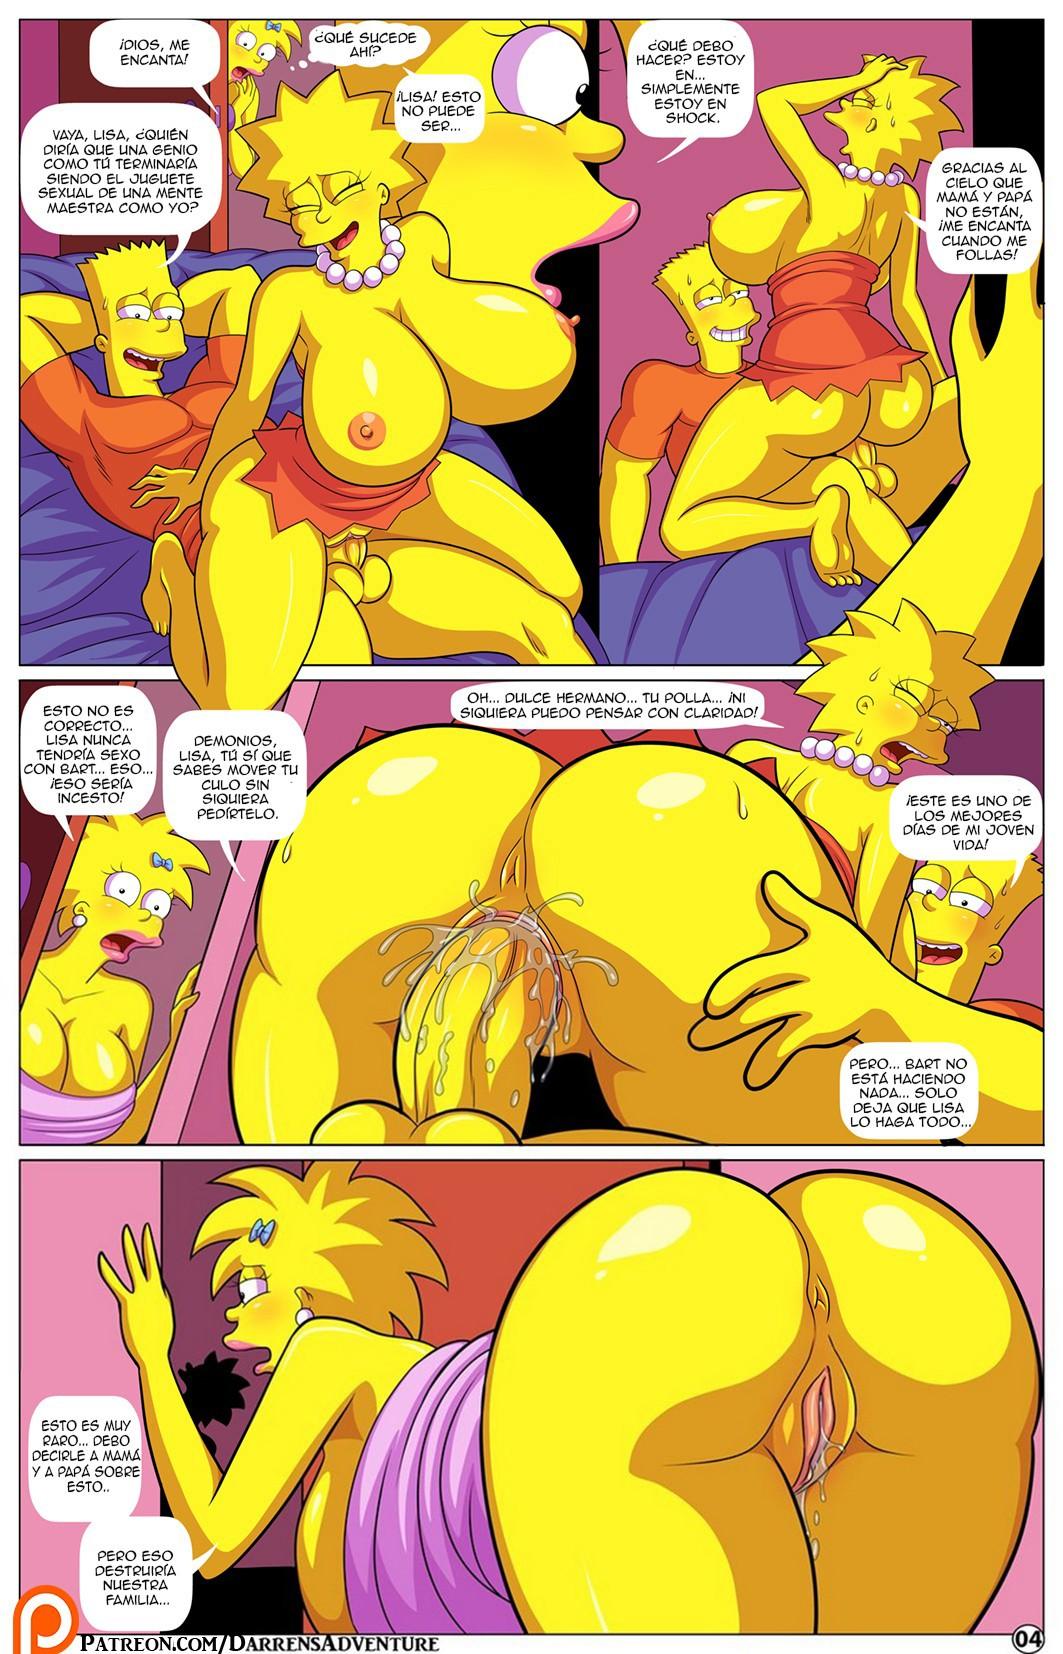 incesto entre hermanos los simpsons porno bart y lisa follando